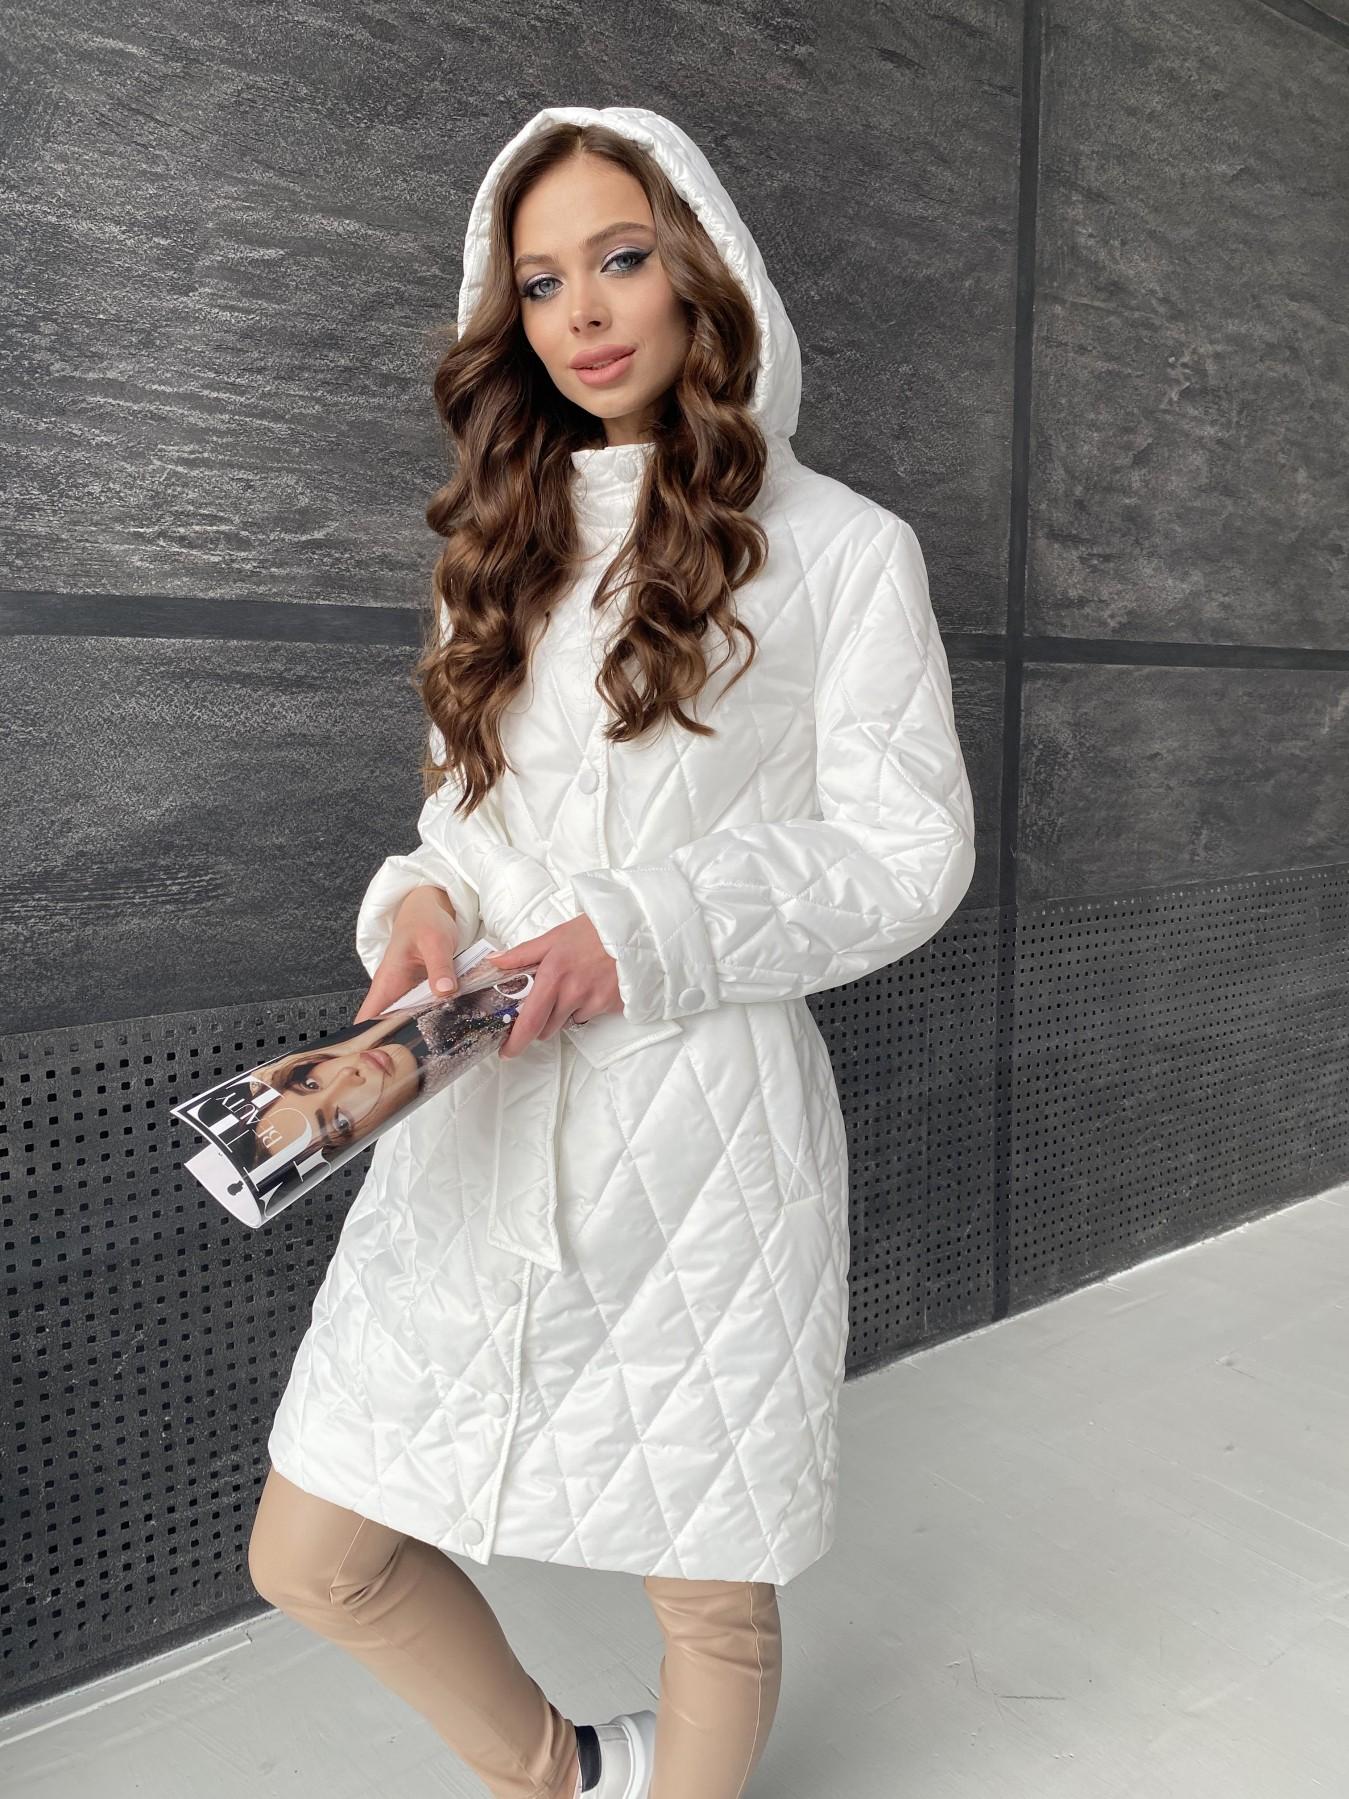 Виза стеганая куртка из плащевой ткани 11015 АРТ. 47516 Цвет: Молоко - фото 11, интернет магазин tm-modus.ru